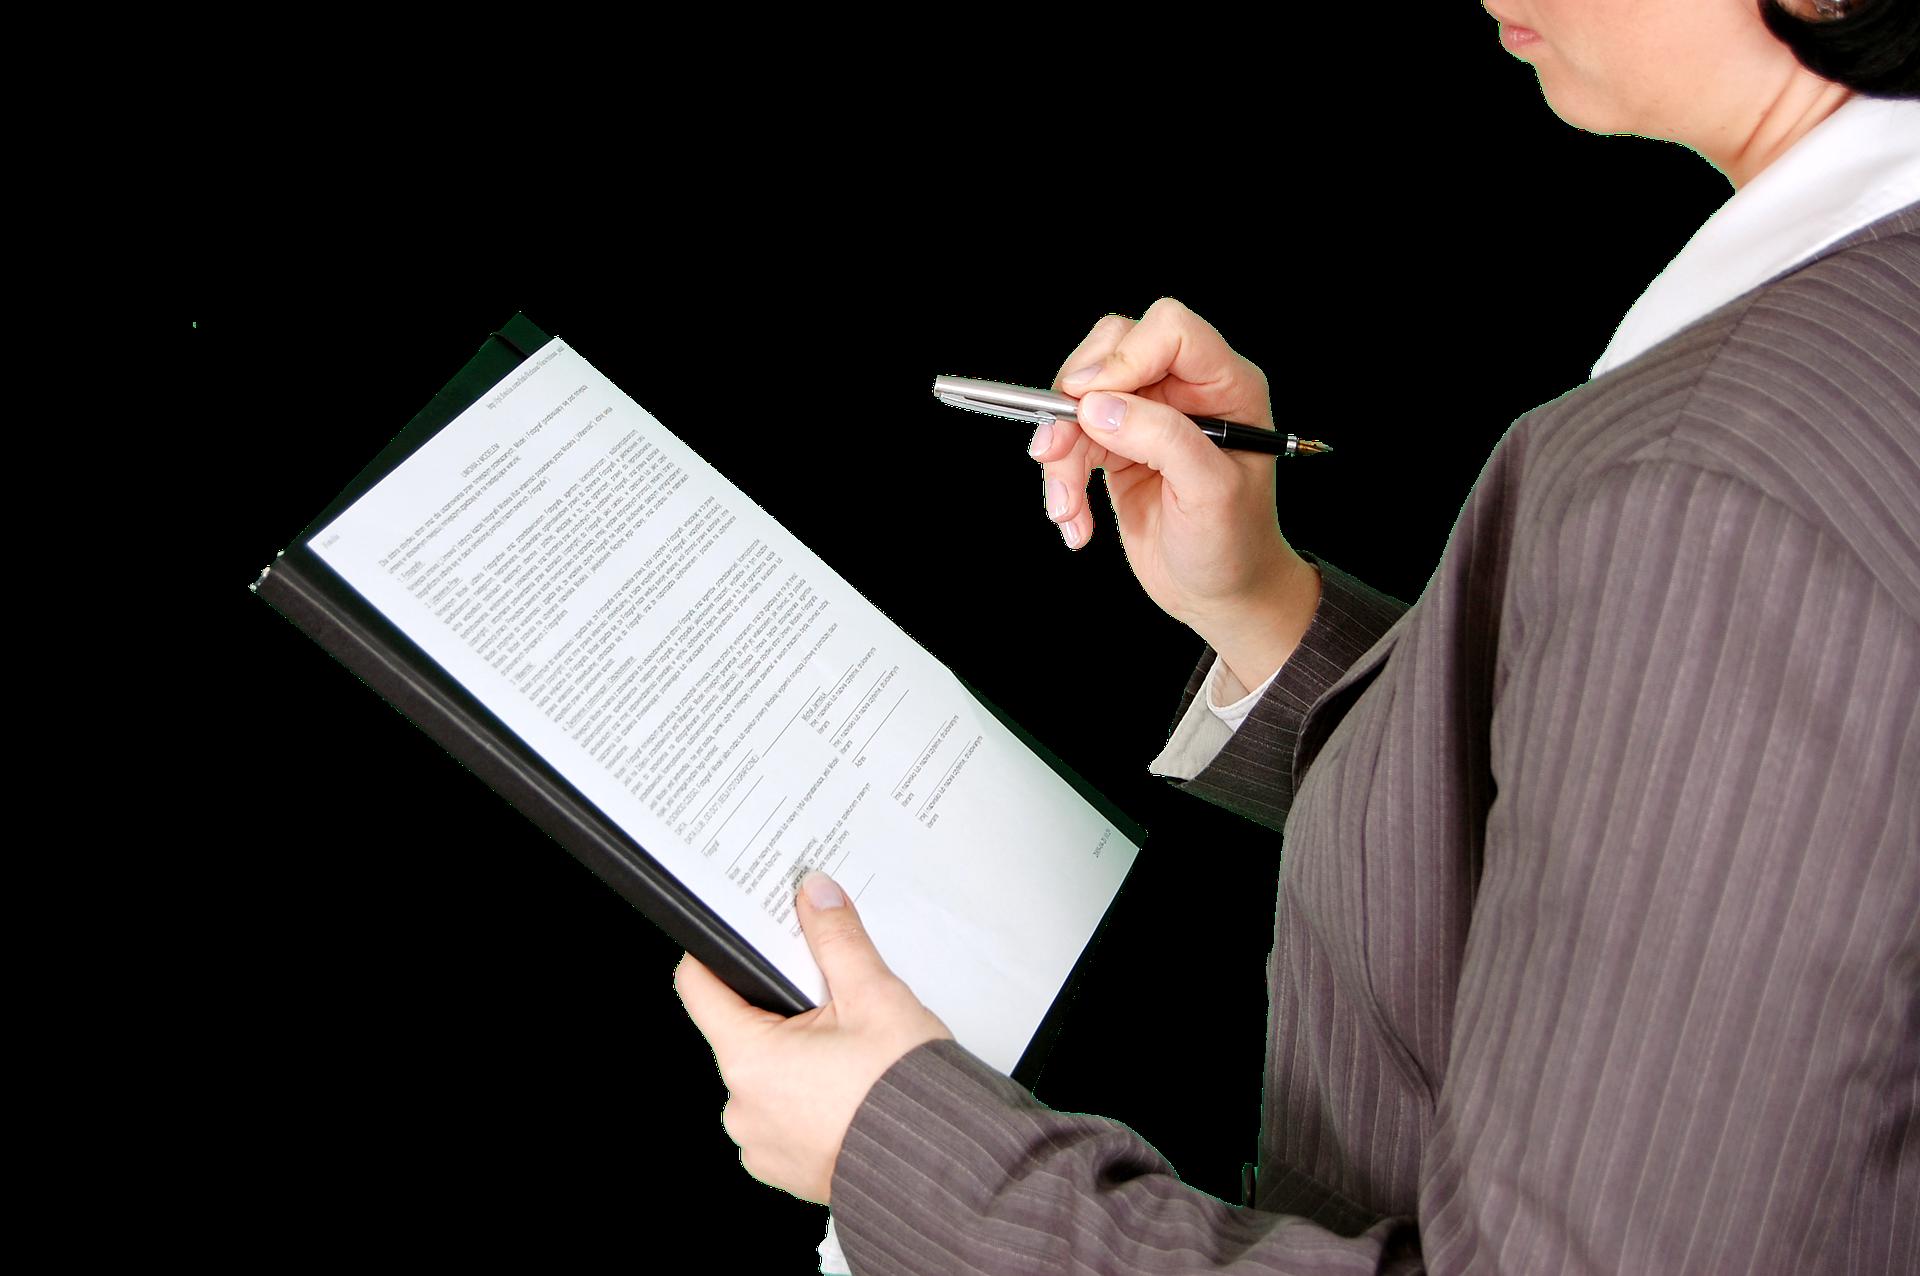 réaliser document unique